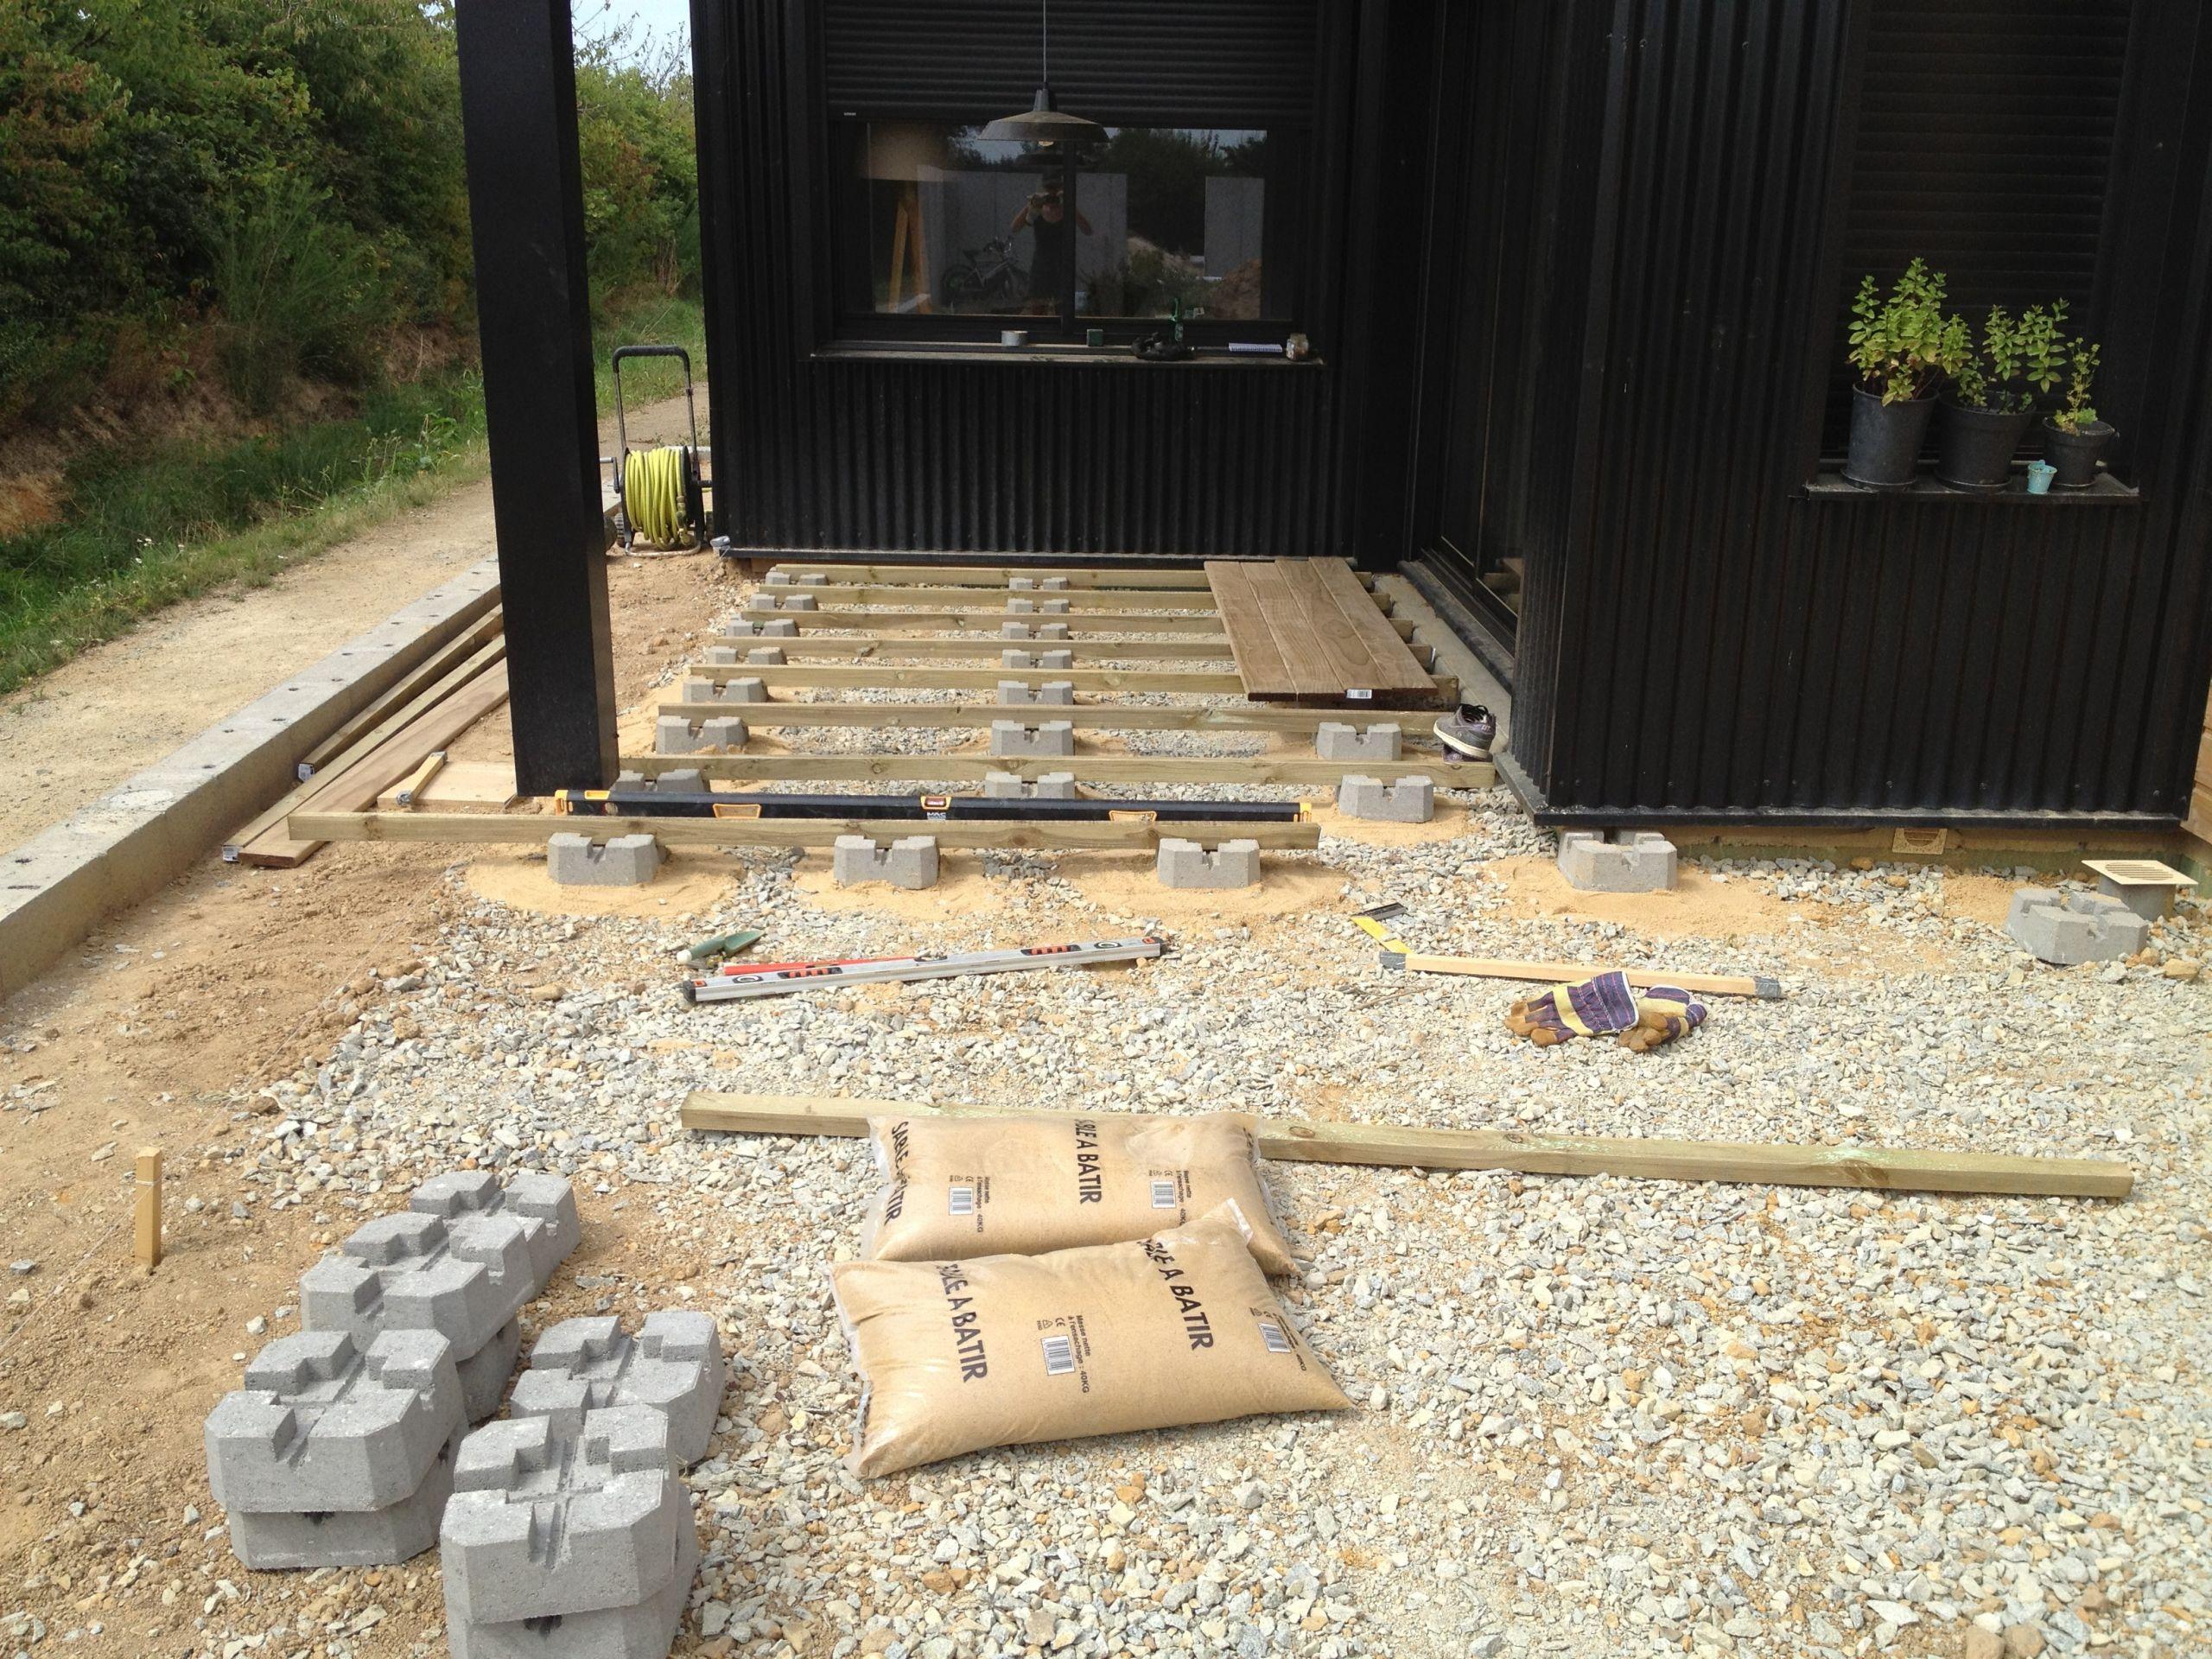 plots pour terrasse brico depot id es inspir es pour la maison avec 05 plots beton terrasse bois et plot beton terrasse brico depot 1 3264x2448px plot beton terrasse brico depot